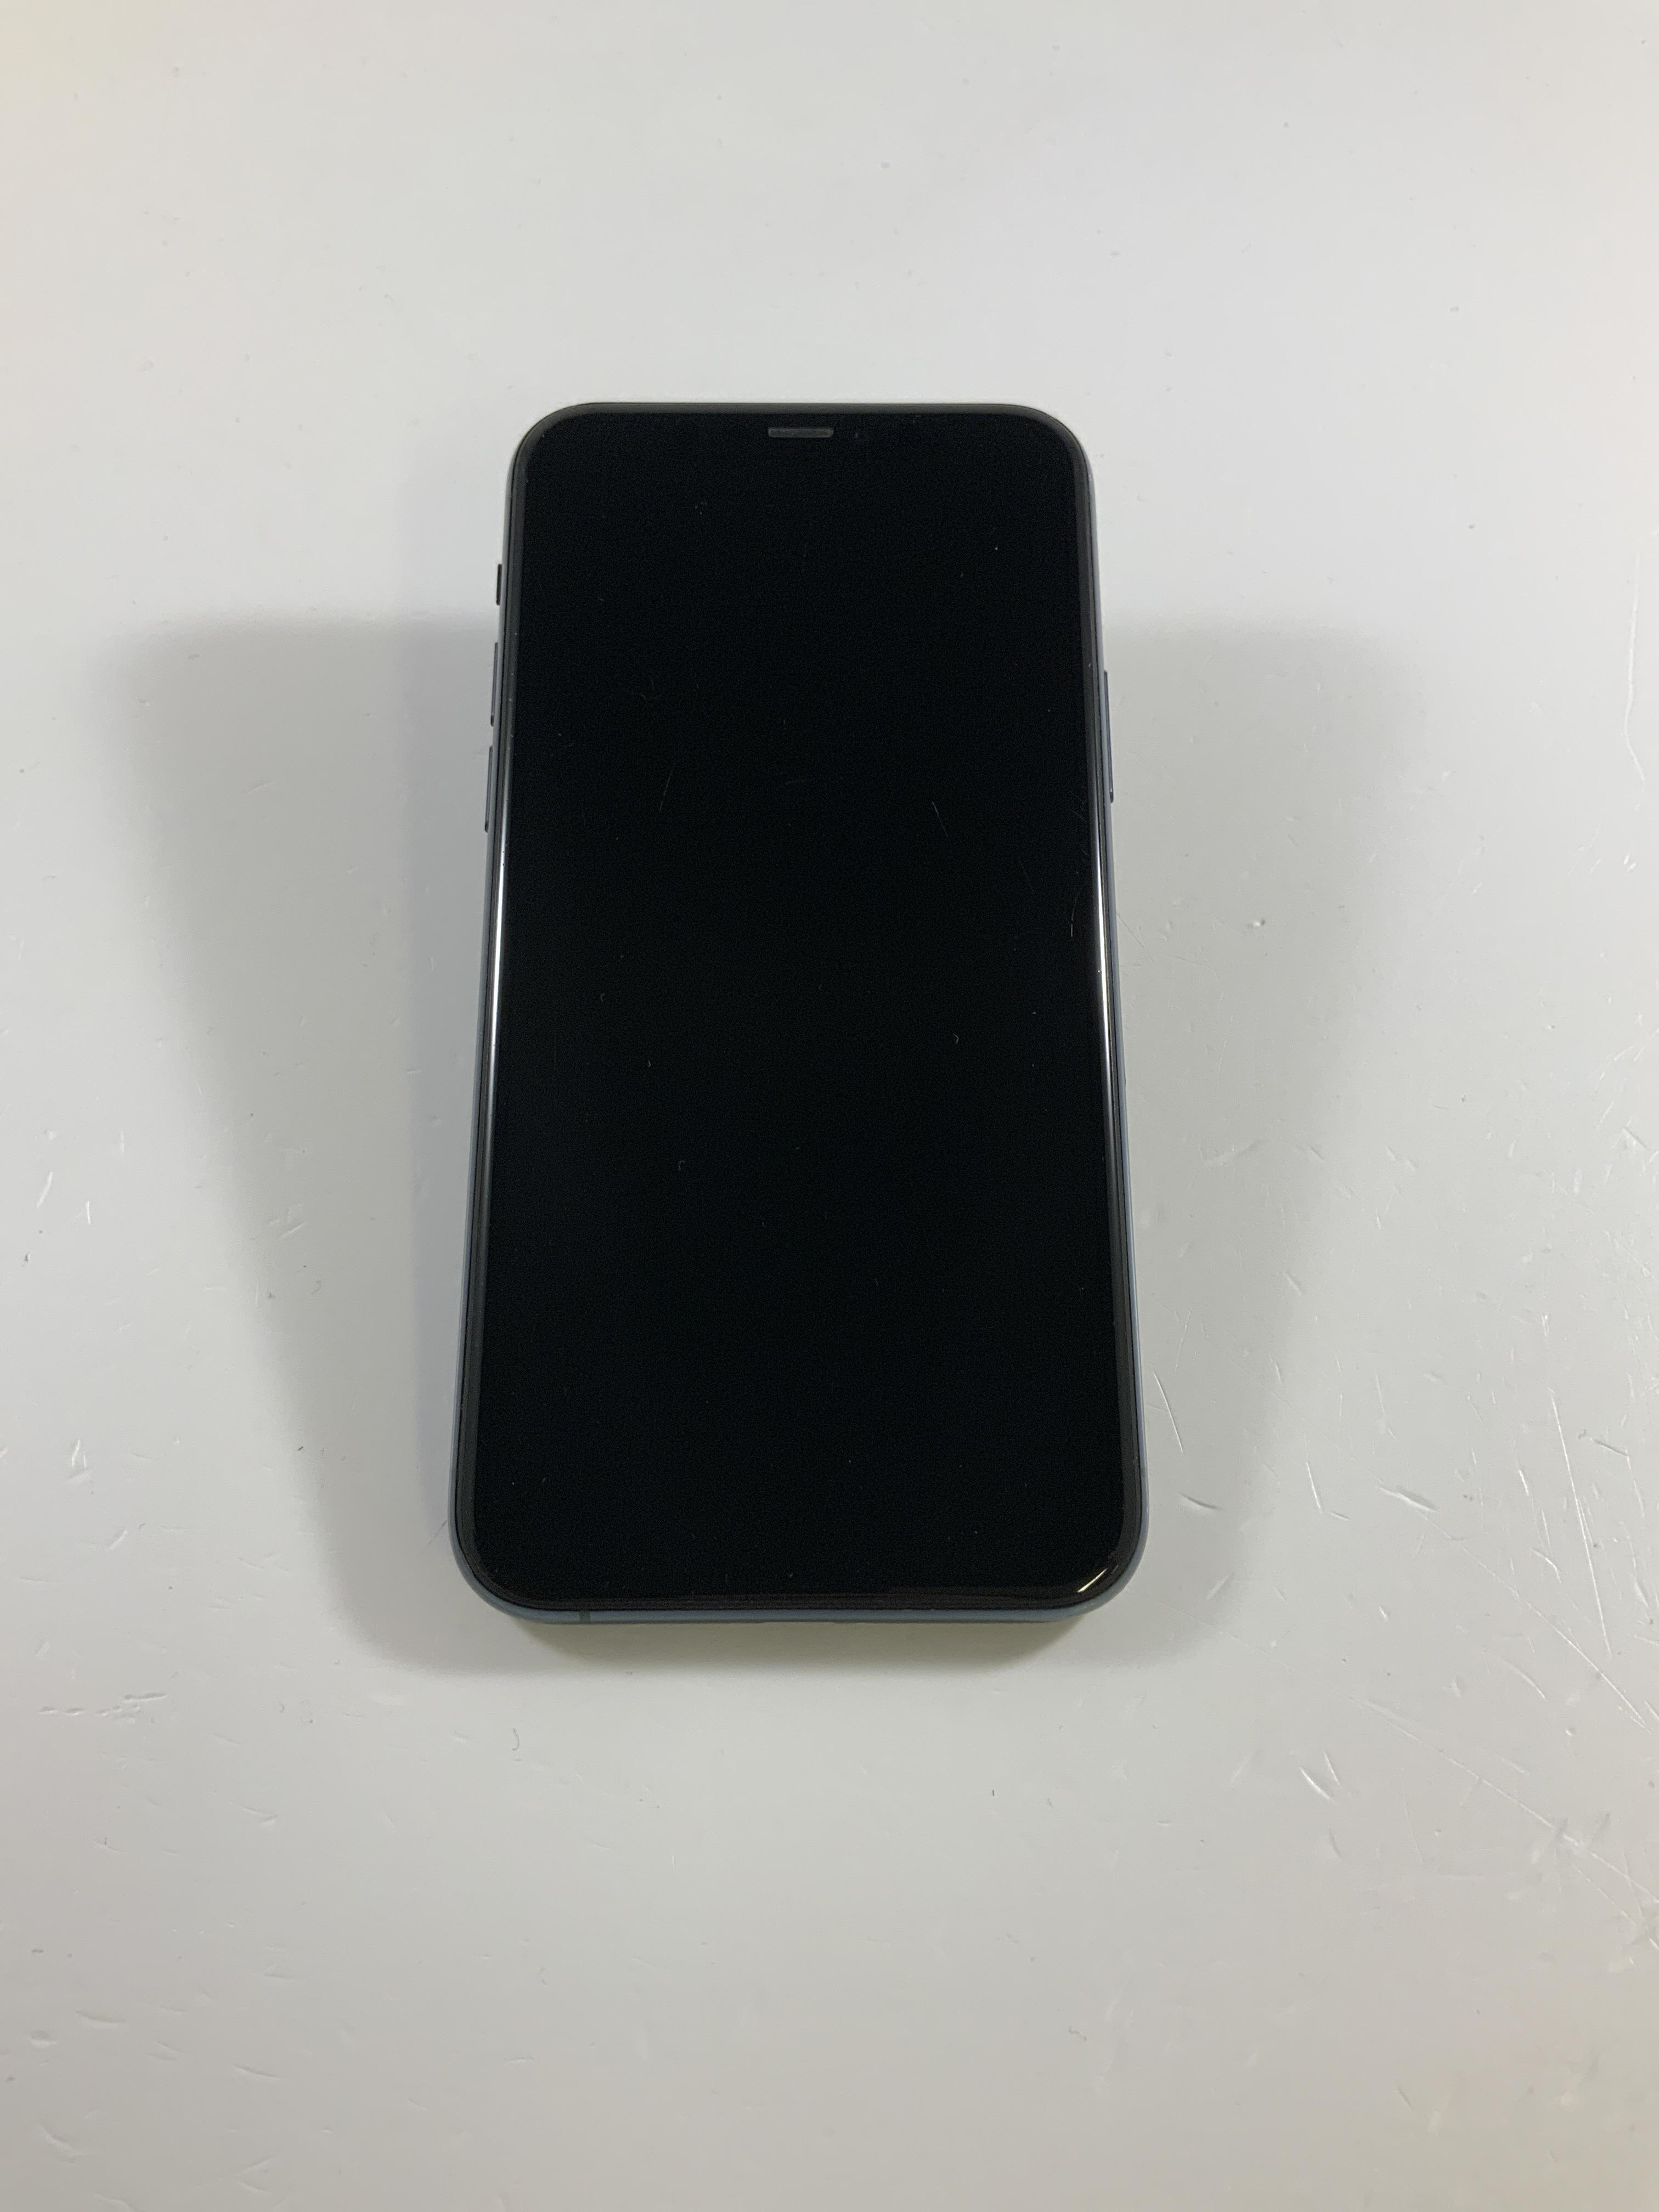 iPhone 11 Pro 64GB, 64GB, Midnight Green, immagine 1